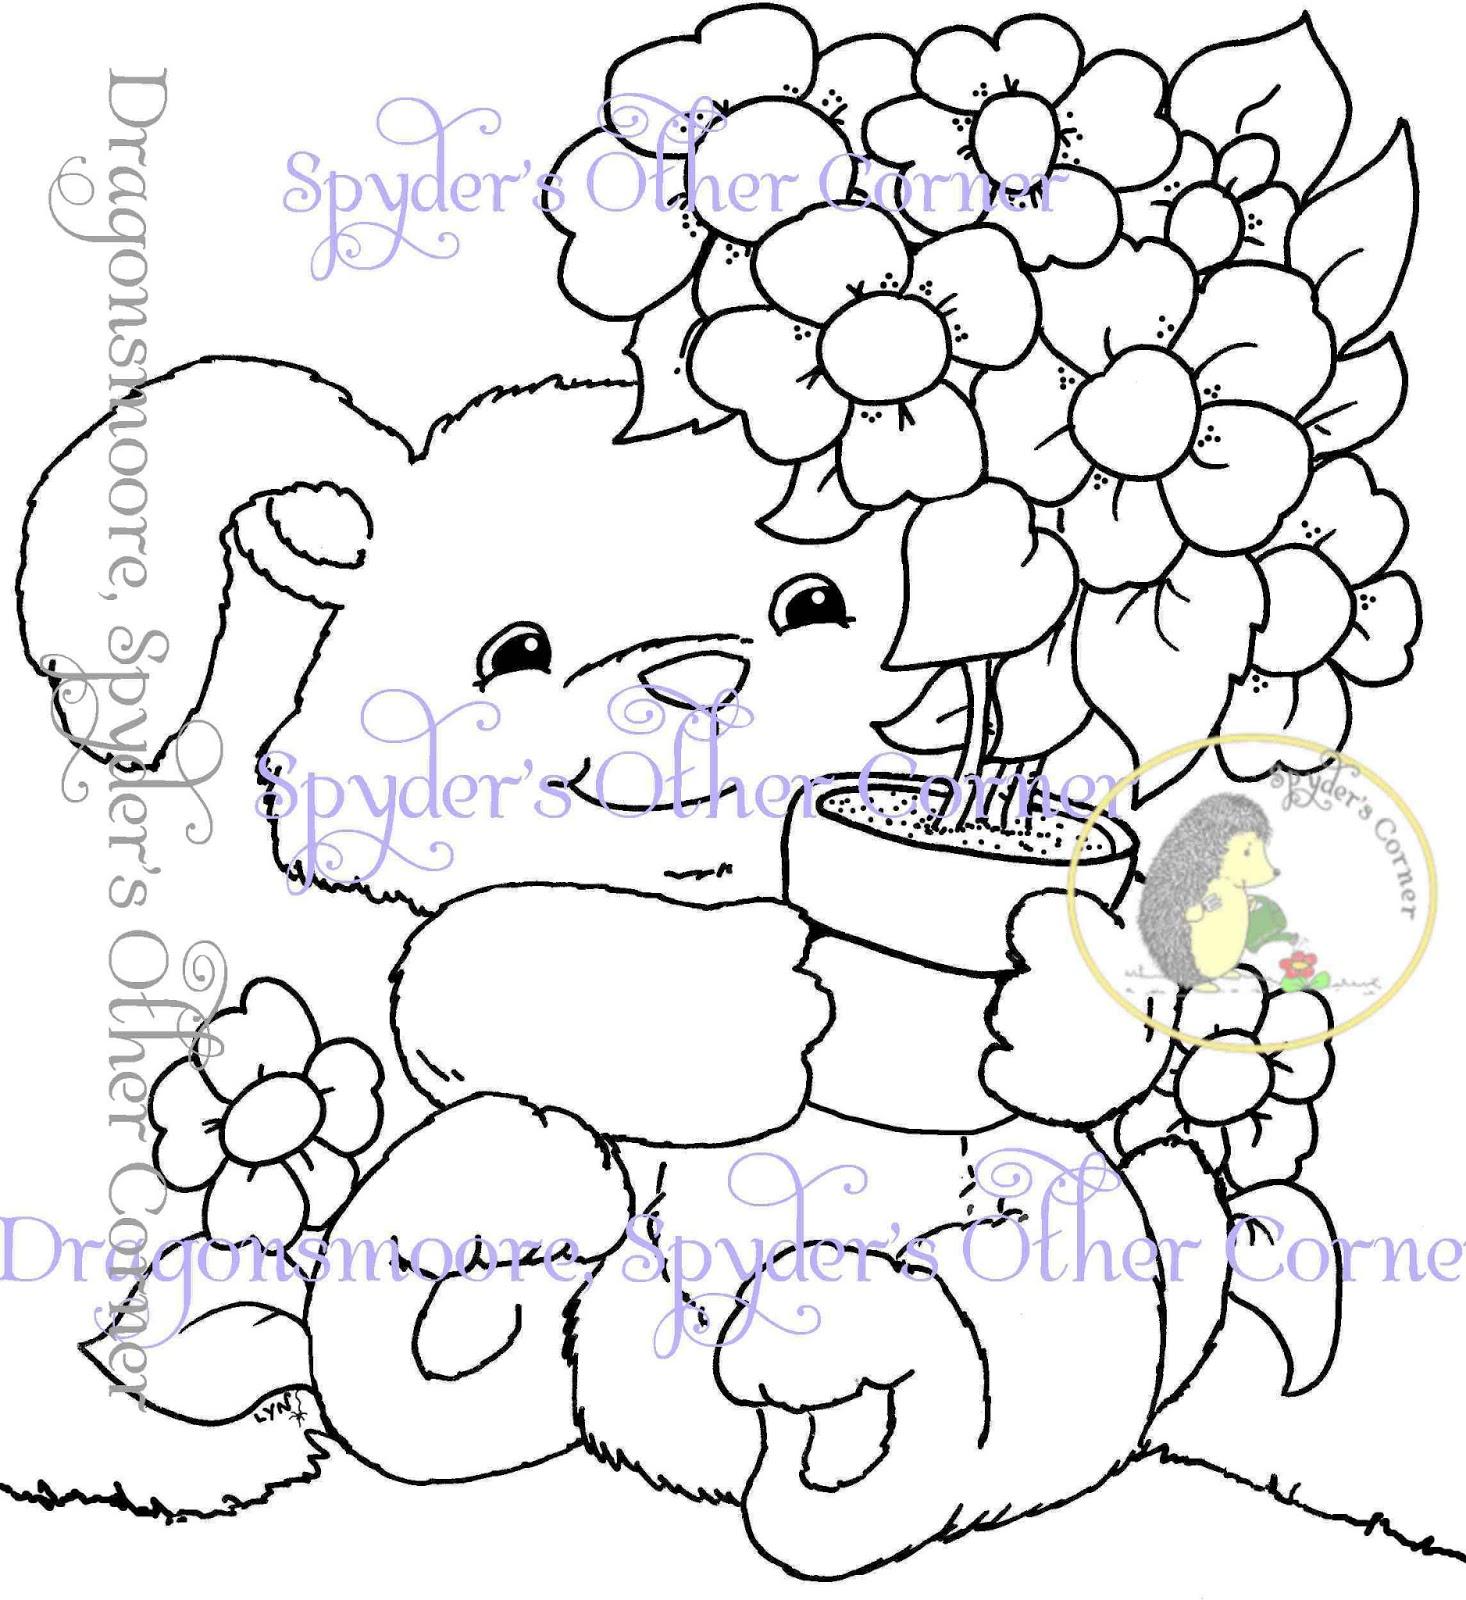 1466x1600 Dragonsmoore, Digital Stamps, Spyder's Other Corner Fluffy Bunny